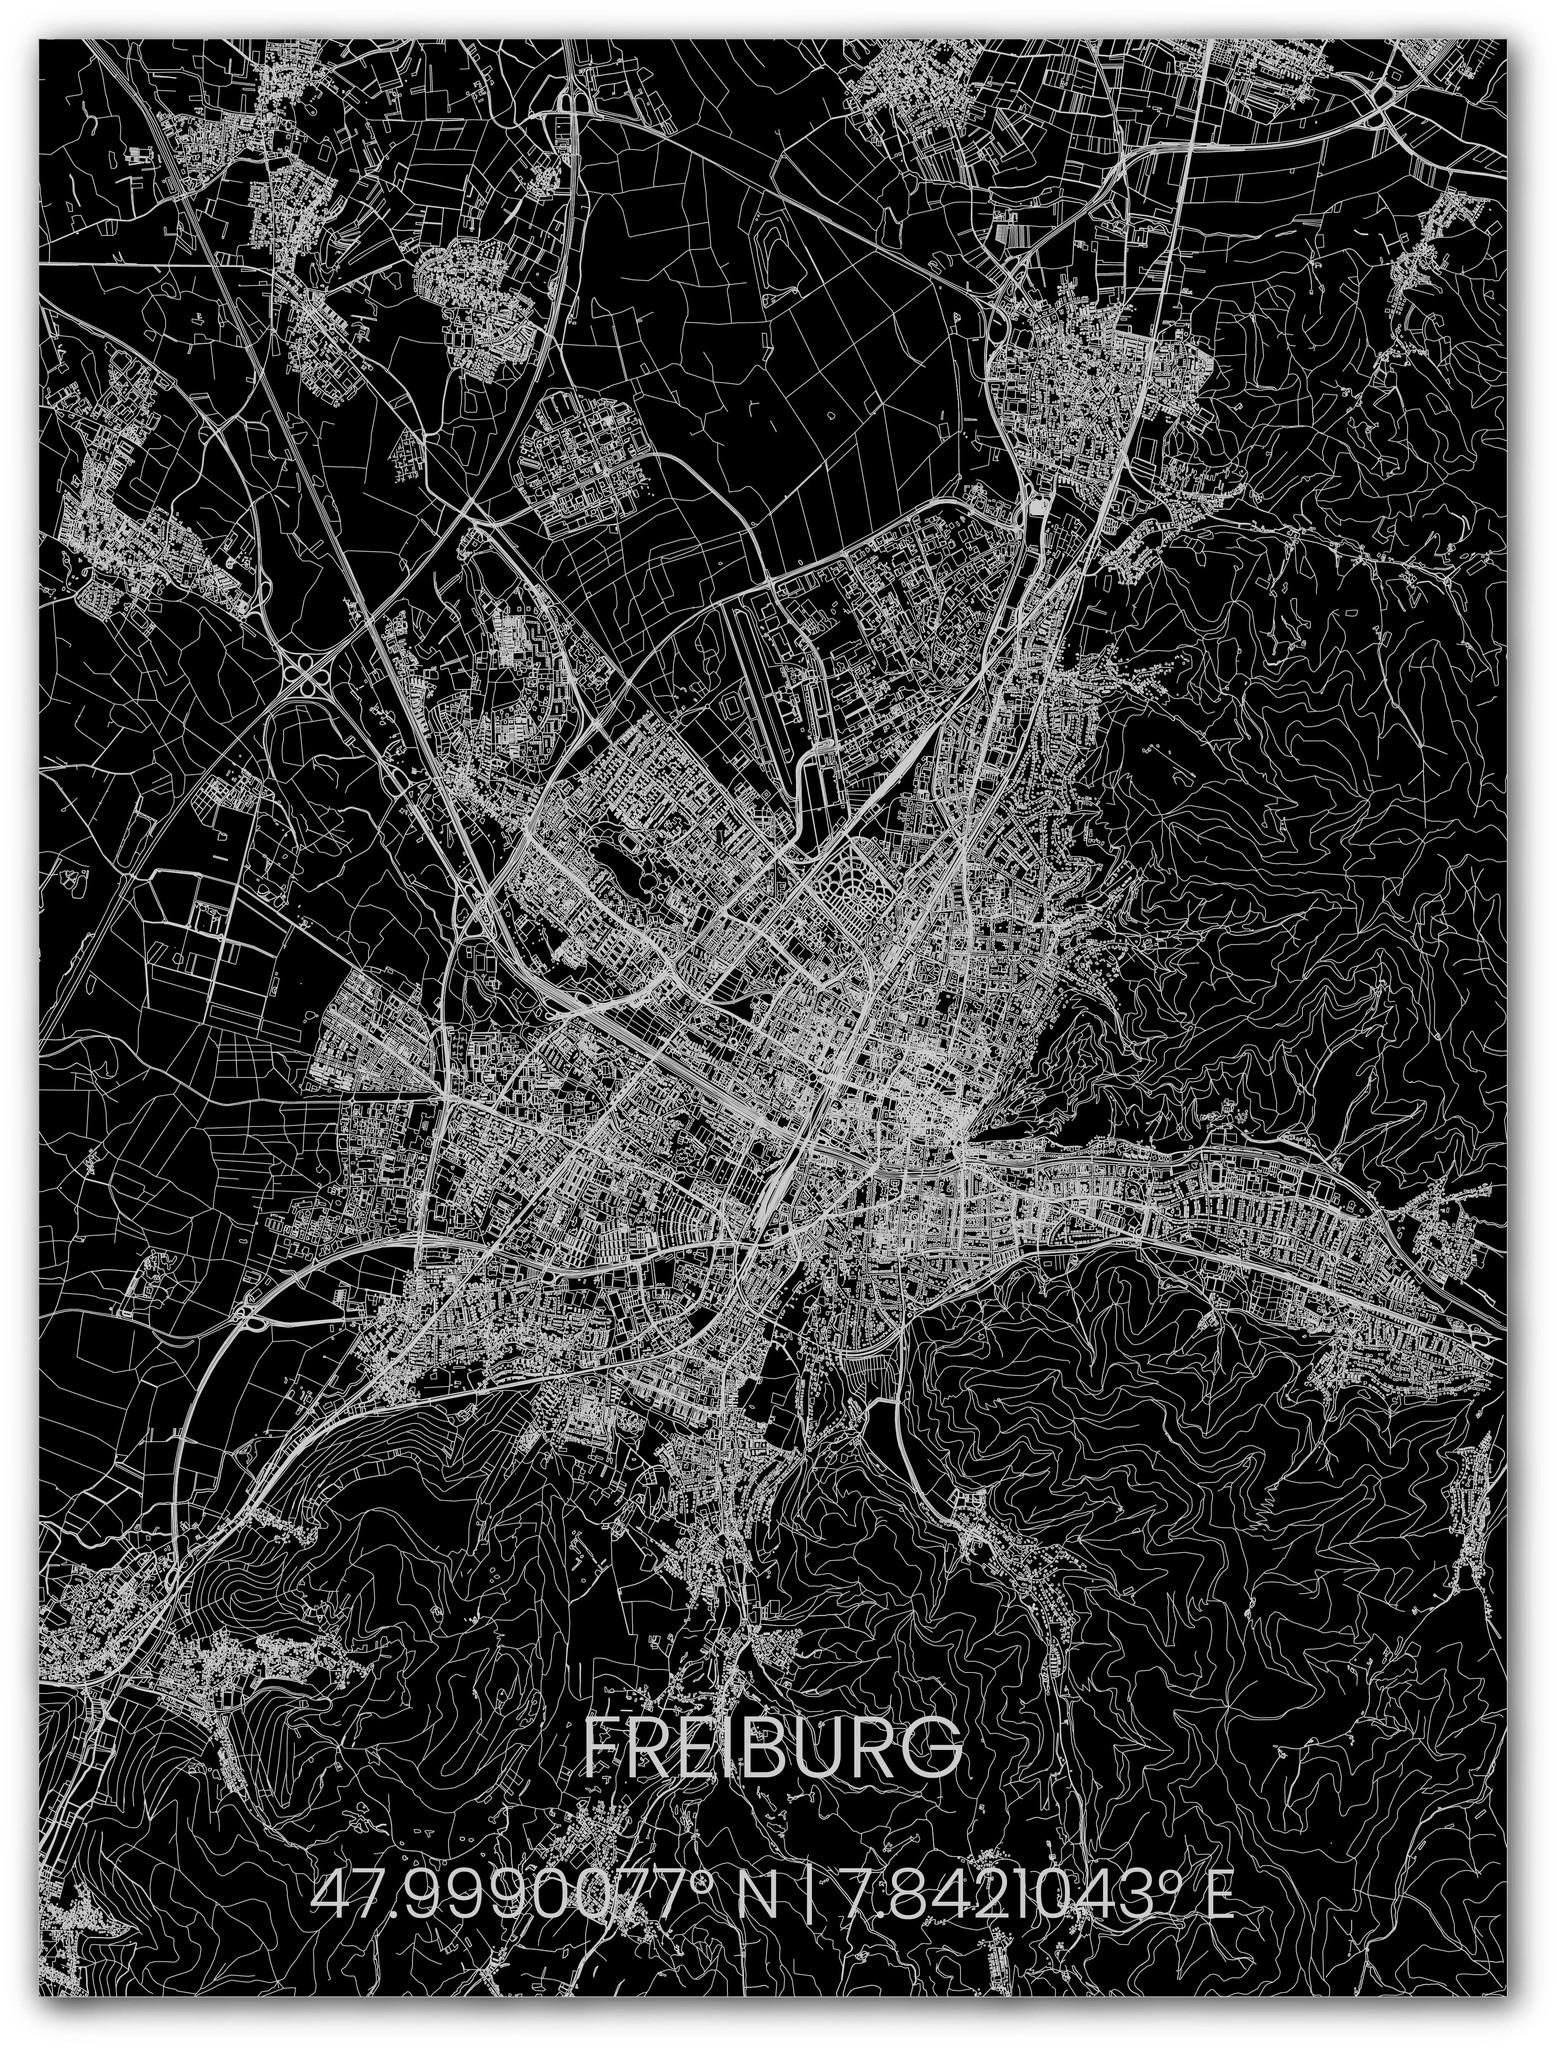 Metalen stadsplattegrond Freiburg-1